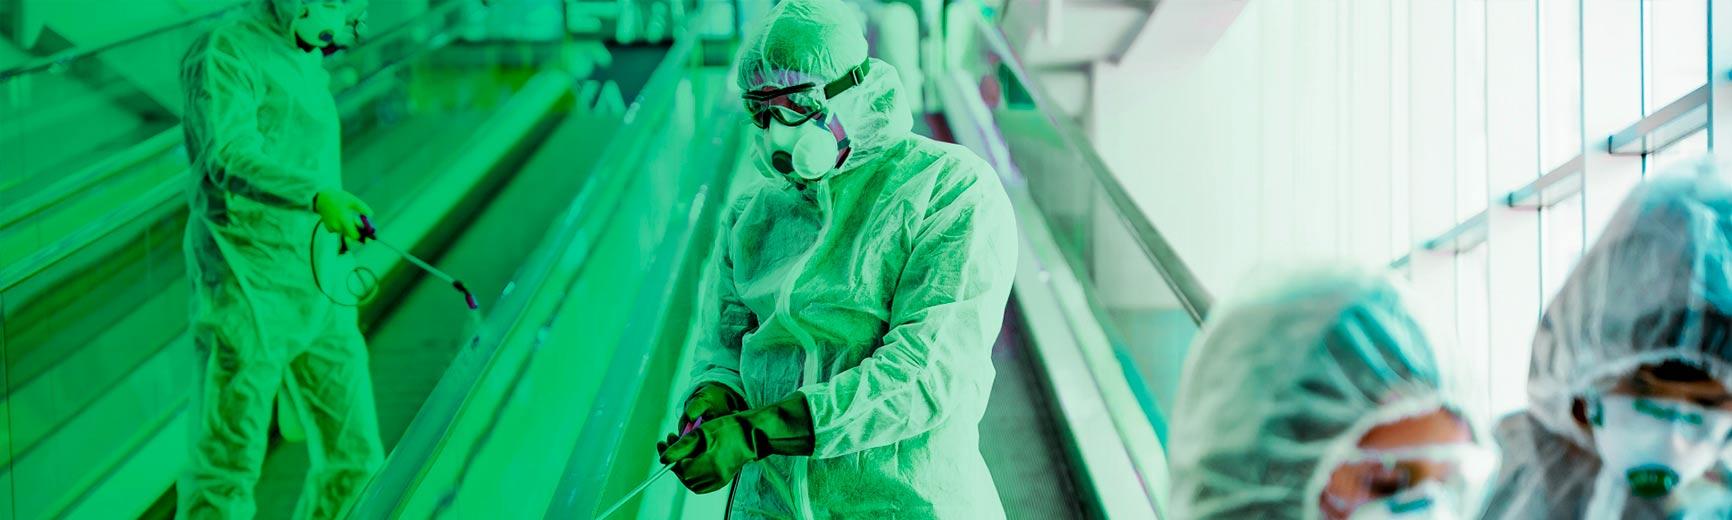 sacsa-sanitizacion-desinfeccionl-slider